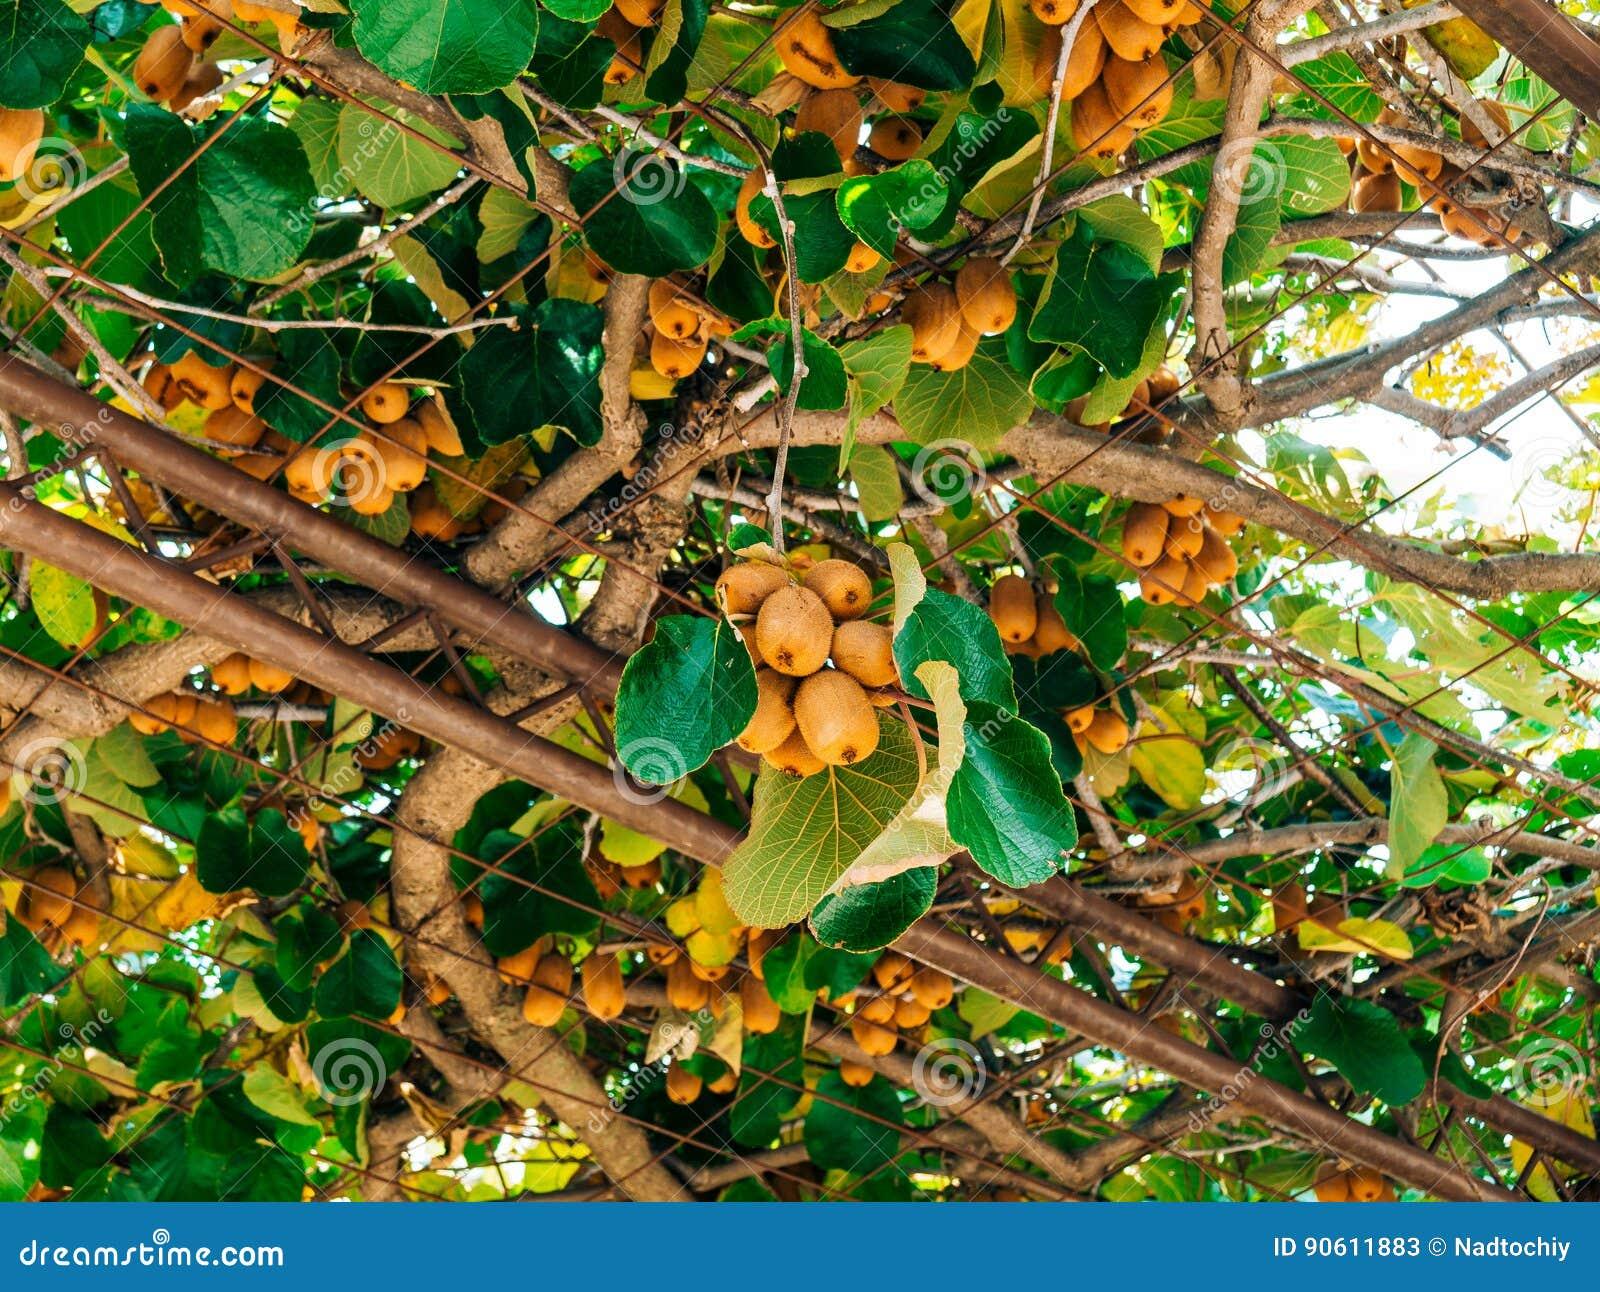 le kiwi sur un arbre vol plan de kiwi d 39 arbre de liane sur le raisin arbo image stock image. Black Bedroom Furniture Sets. Home Design Ideas